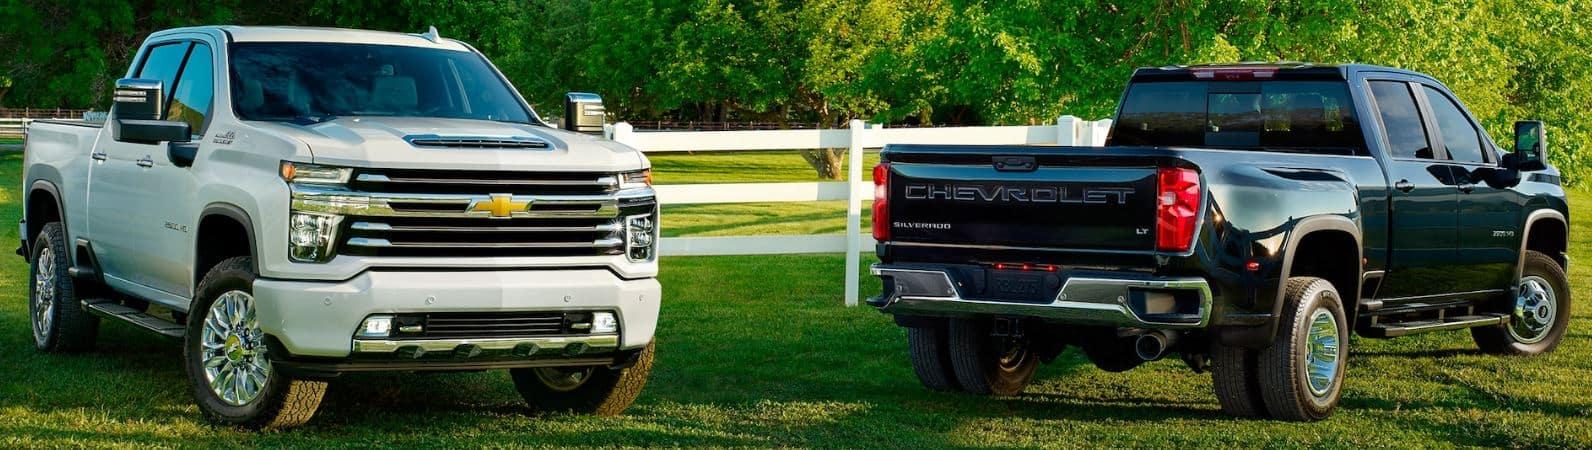 2020 chevrolet silverado 2500hd for sale in jacksonville fl 2020 chevrolet silverado 2500hd for